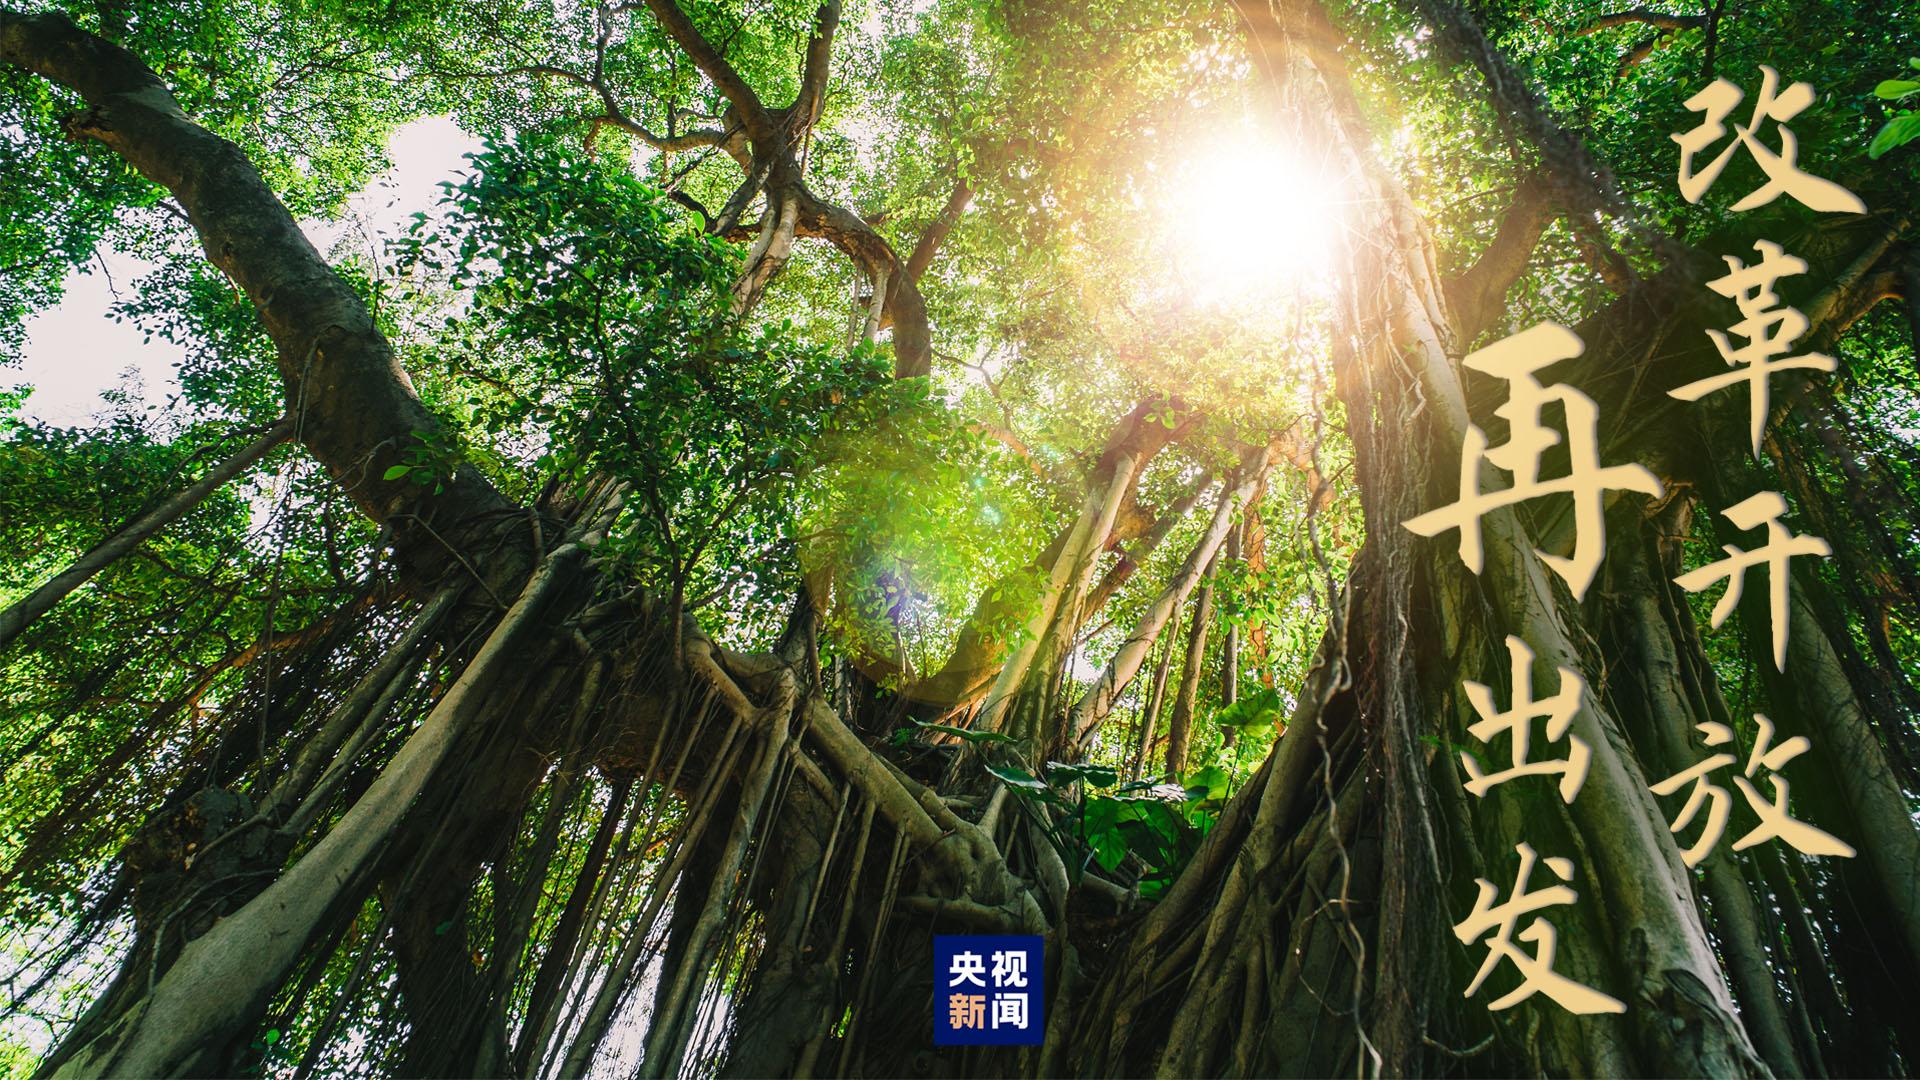 高山榕樹印初心-圖1